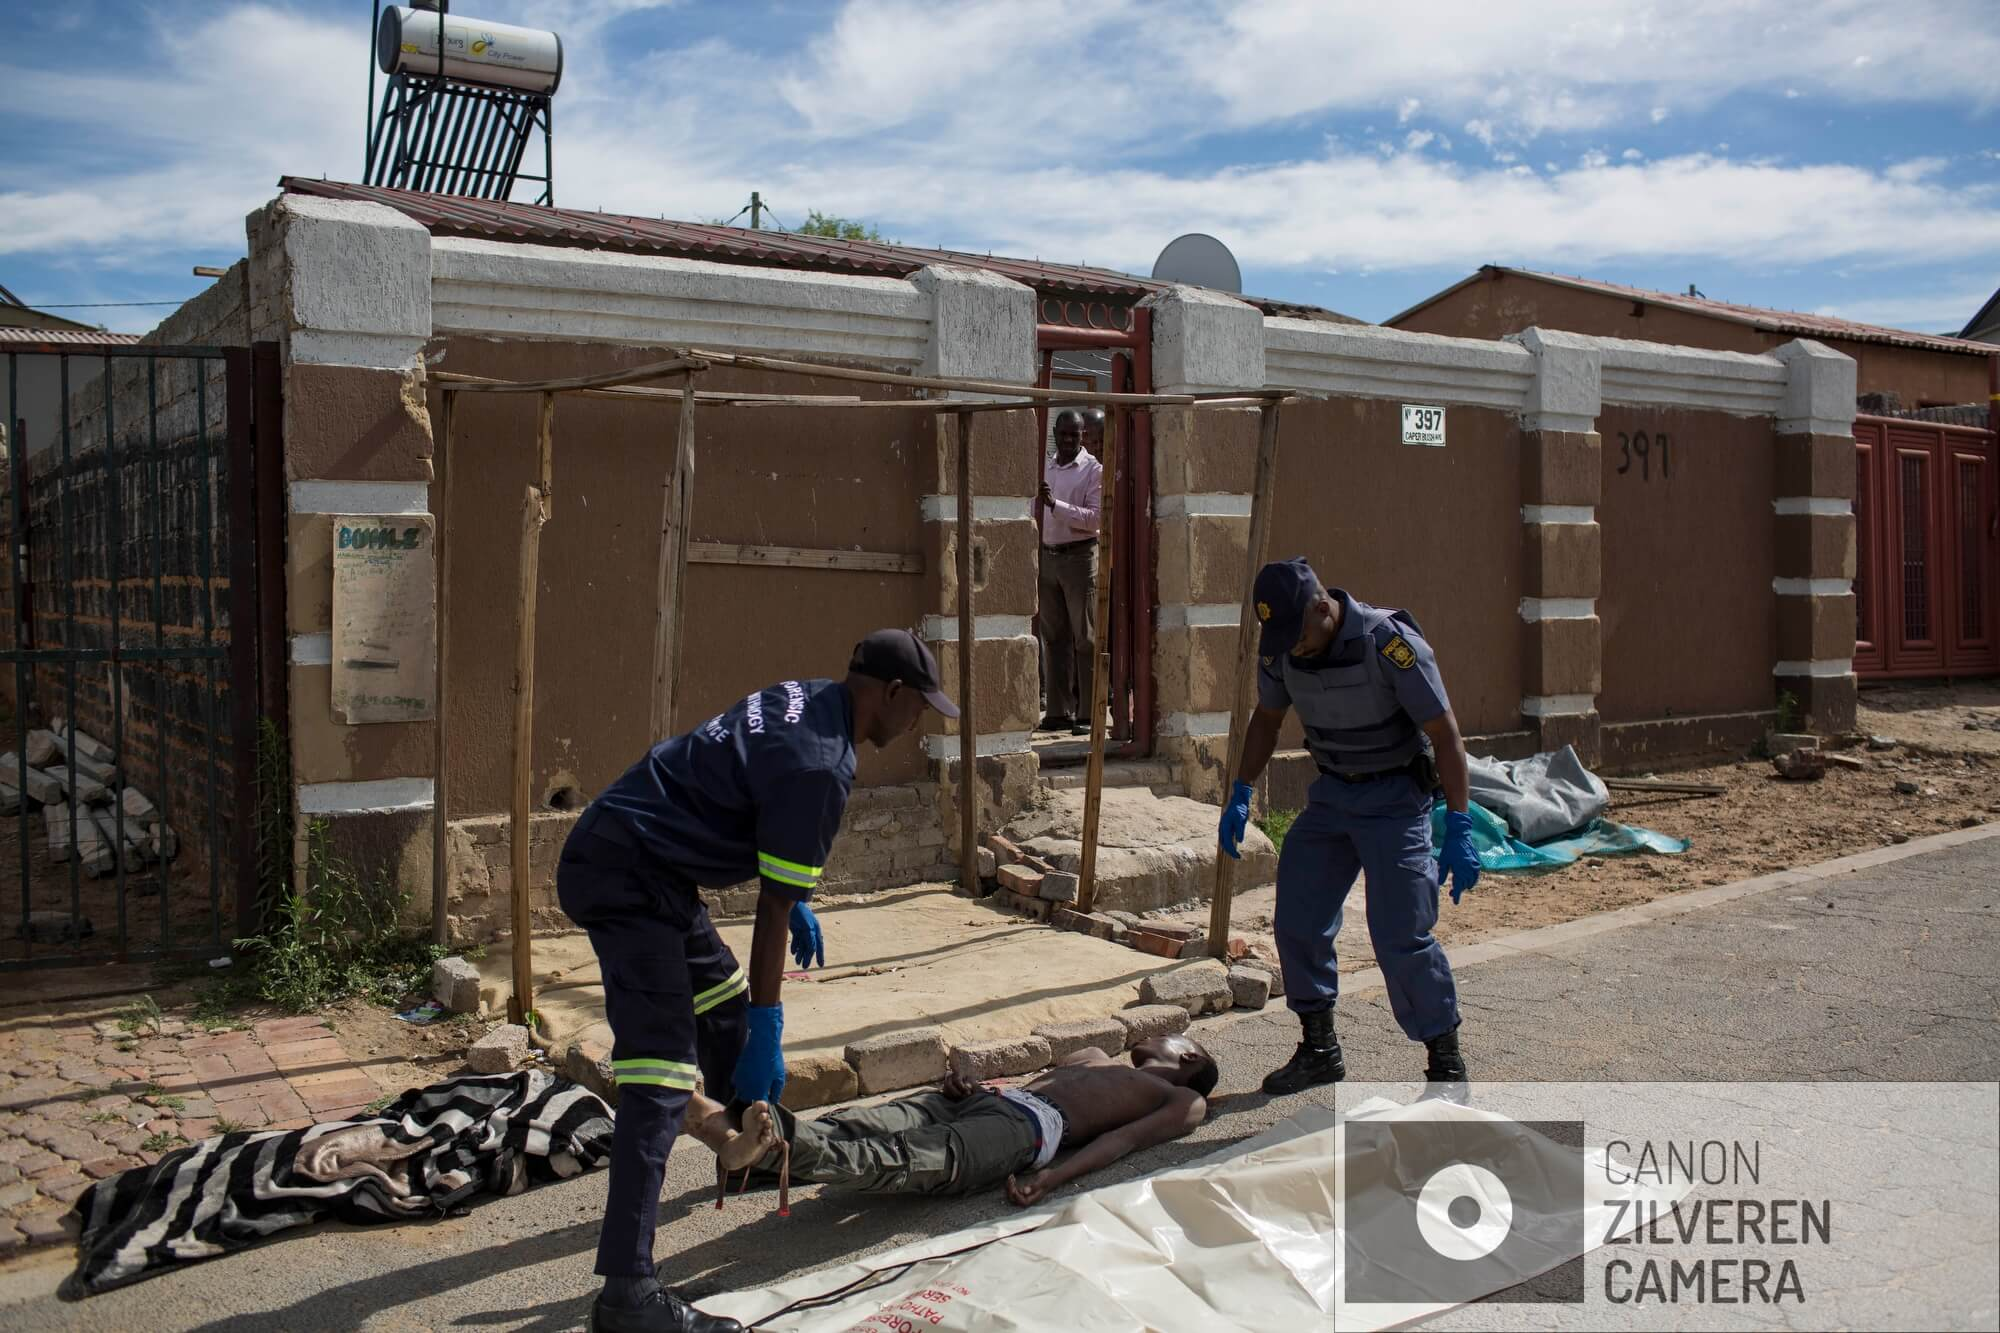 Het lichaam van een man vermoord in de wijk Alexandra in Johannesburg, wordt opgehaald door een medewerker van het mortuarium in Johannesburg. Van de 3.000 lichamen die worden binnengebracht, blijft ongeveer tien procent ongeïdentificeerd.